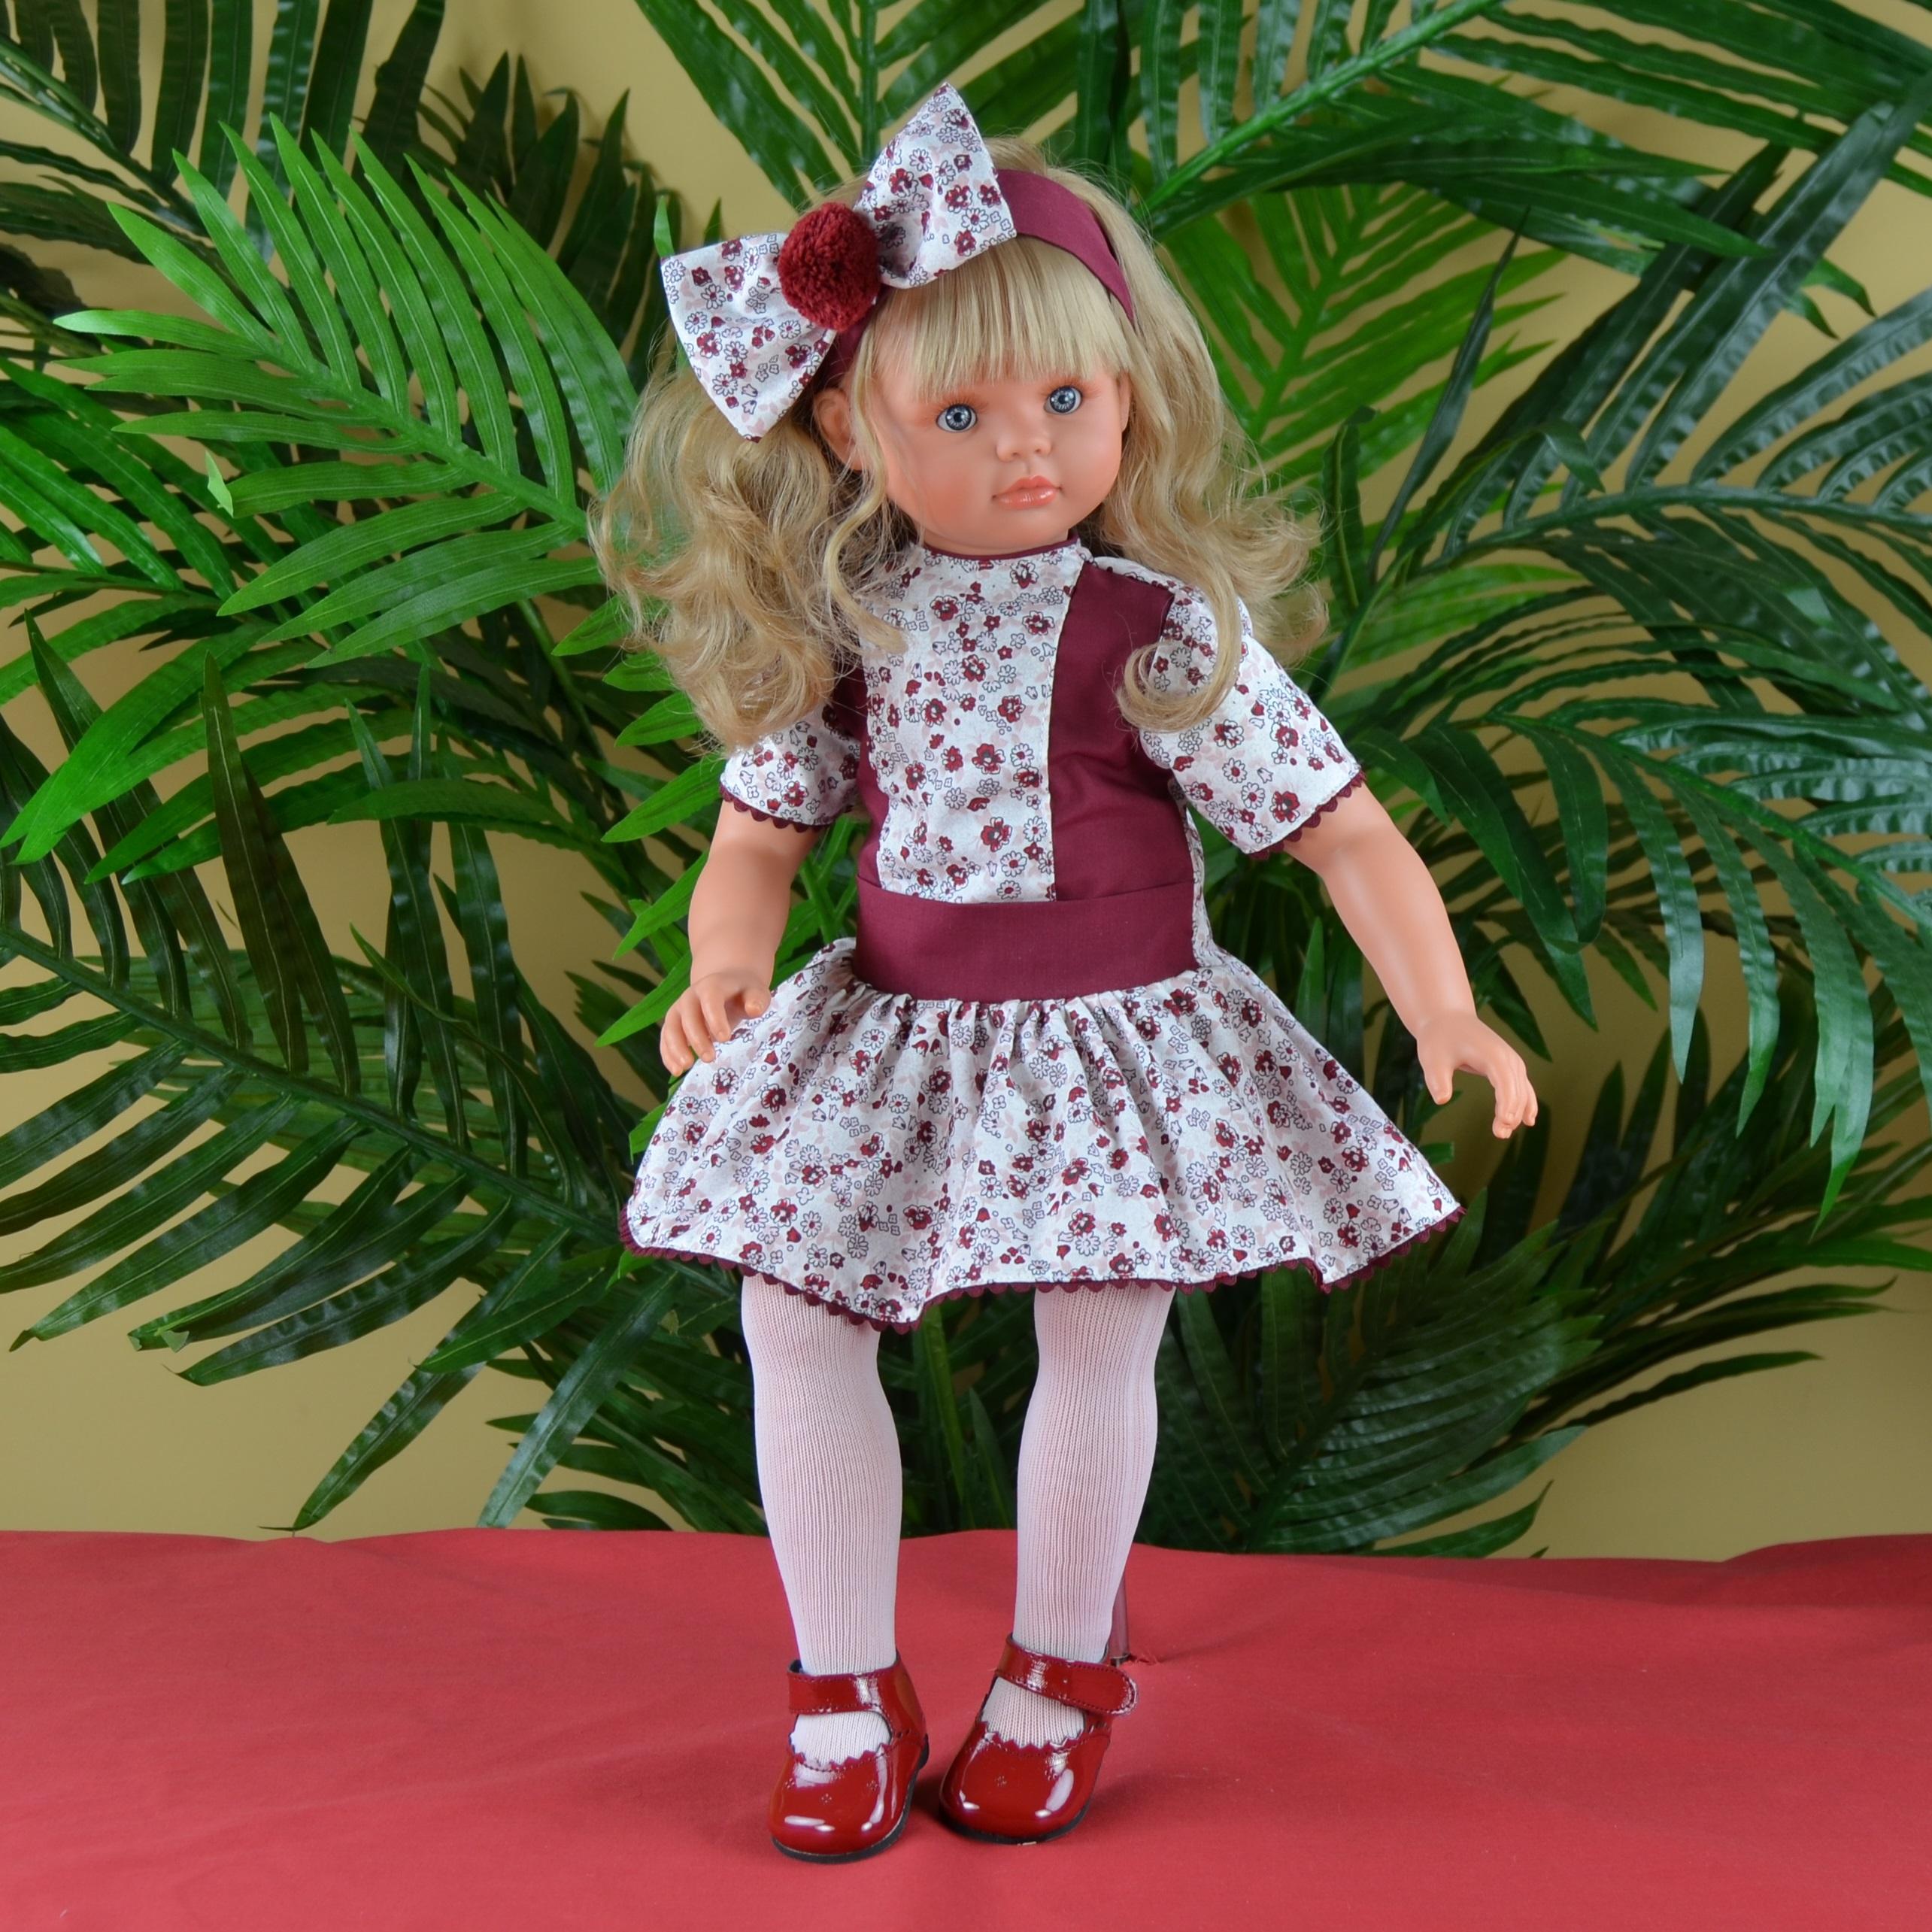 Кукла Пепа в бордовом платье, 60 см.Куклы ASI (Испания)<br>Кукла Пепа в бордовом платье, 60 см.<br>